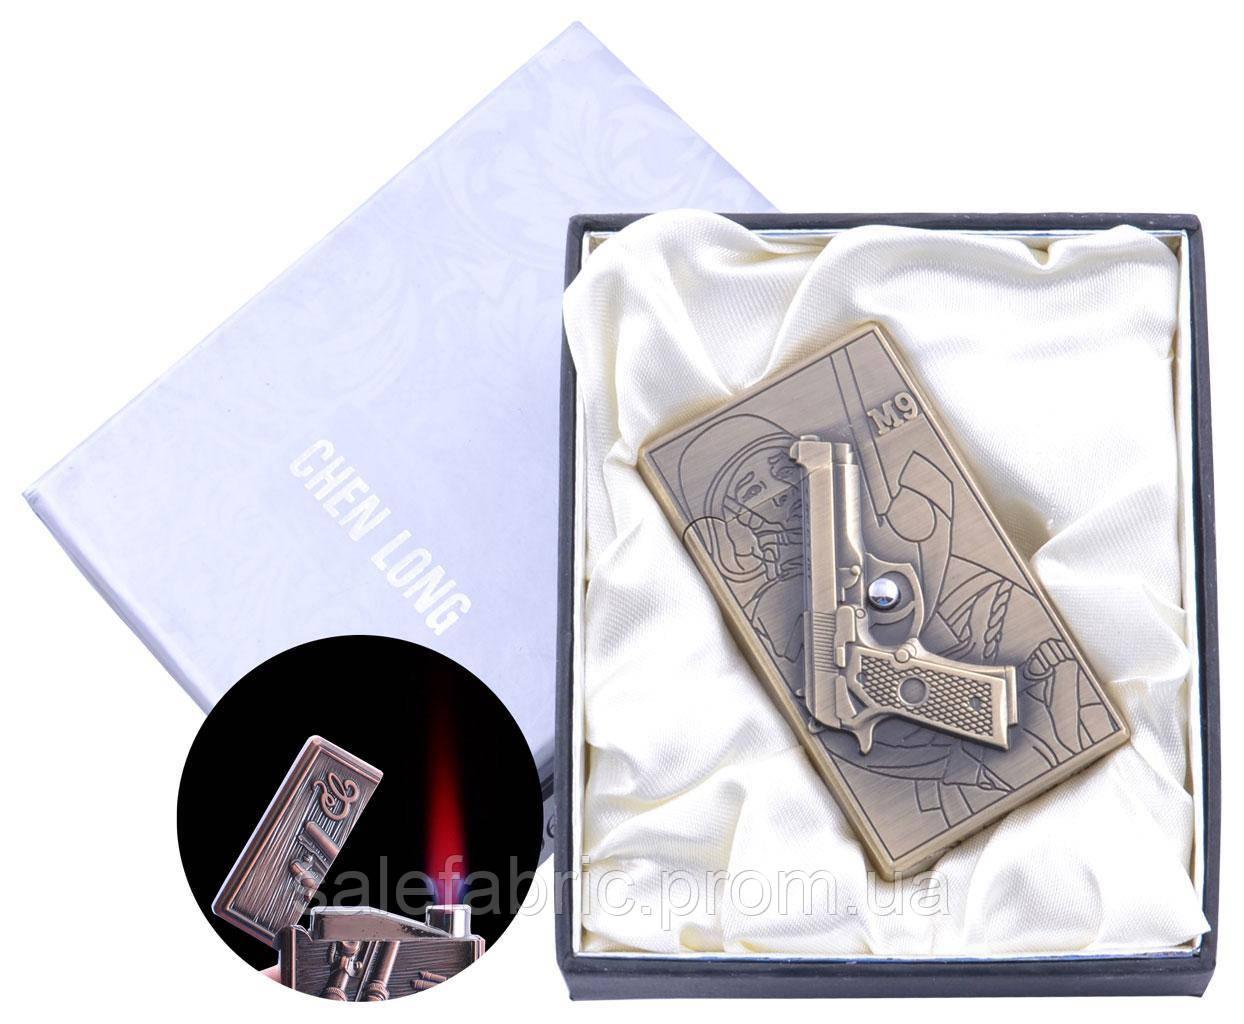 Зажигалка электронная в подарочной коробке M9 (Турбо пламя) №4060-3